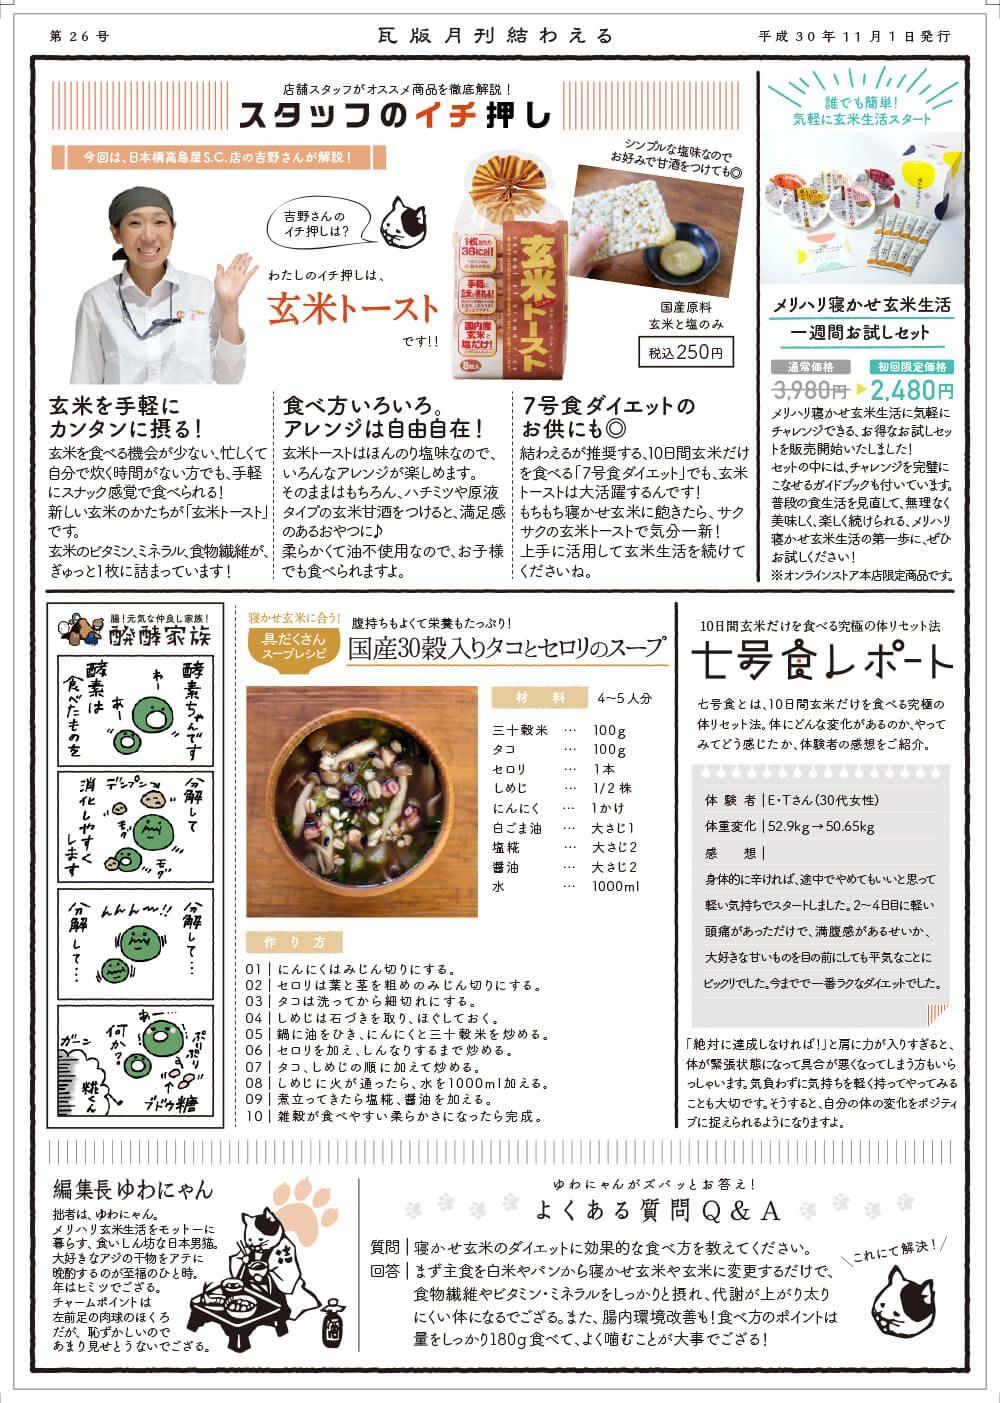 2018年11月 霜月 瓦版 結わえる パンフレット デザイン ニュースレターのデザイン 雑誌のレイアウトデザイン